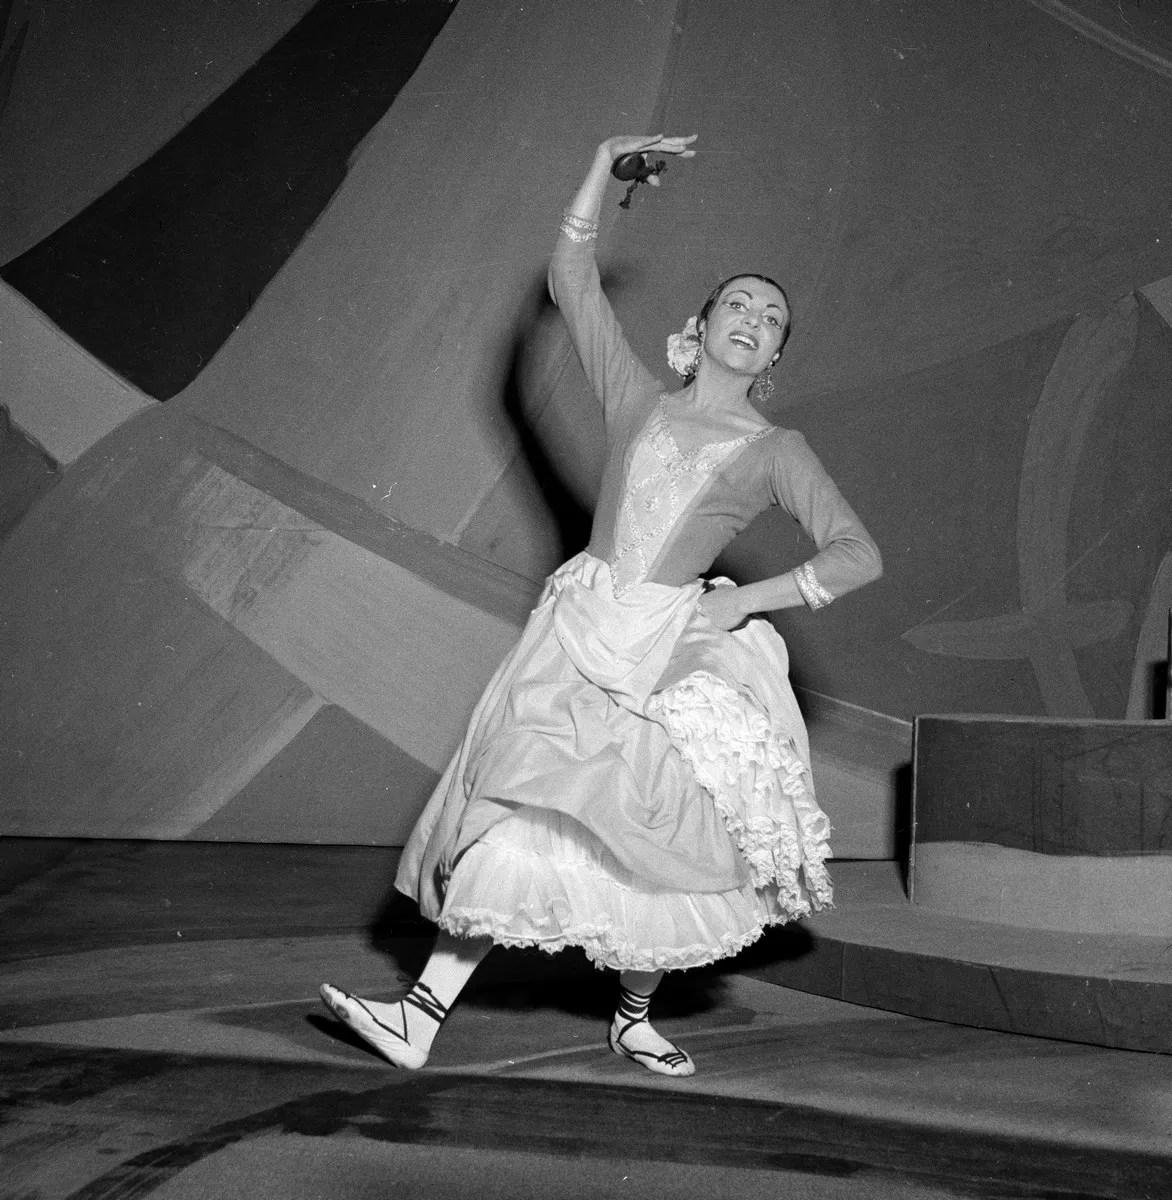 1955 Luciana Novaro in España, photo by Erio Piccagliani © Teatro alla Scala